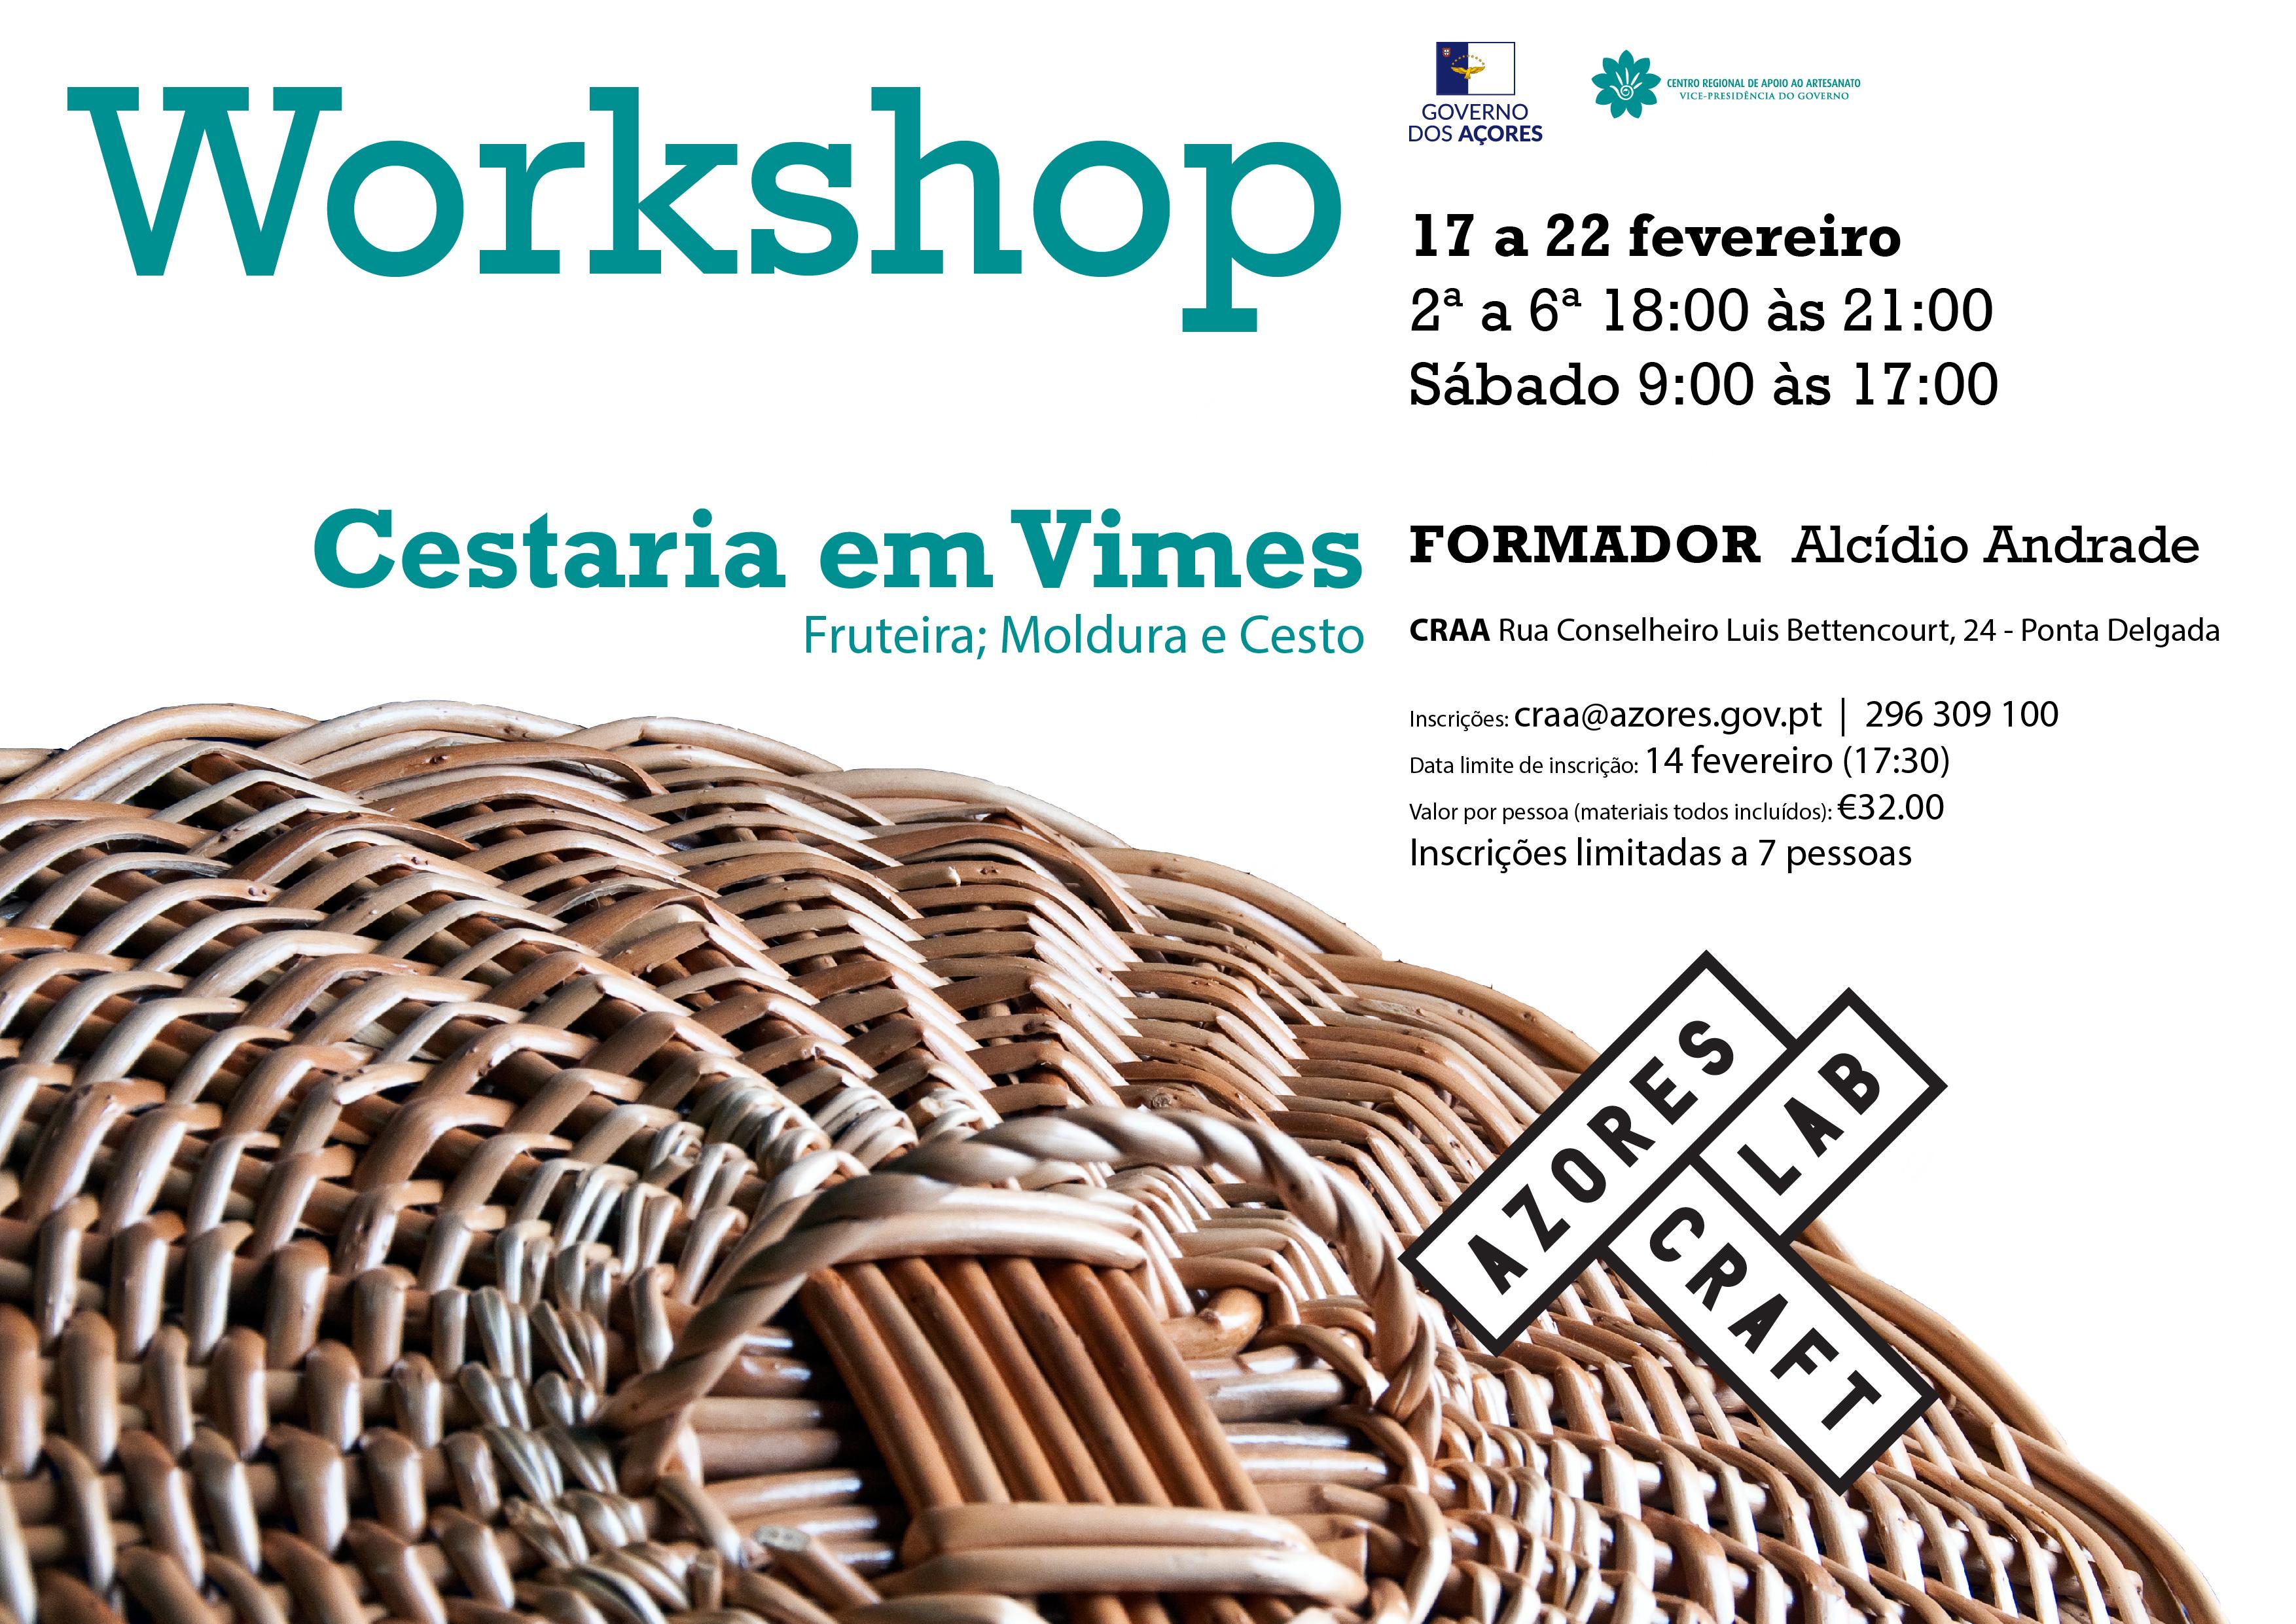 Workshop Cestaria em Vimes copy-02